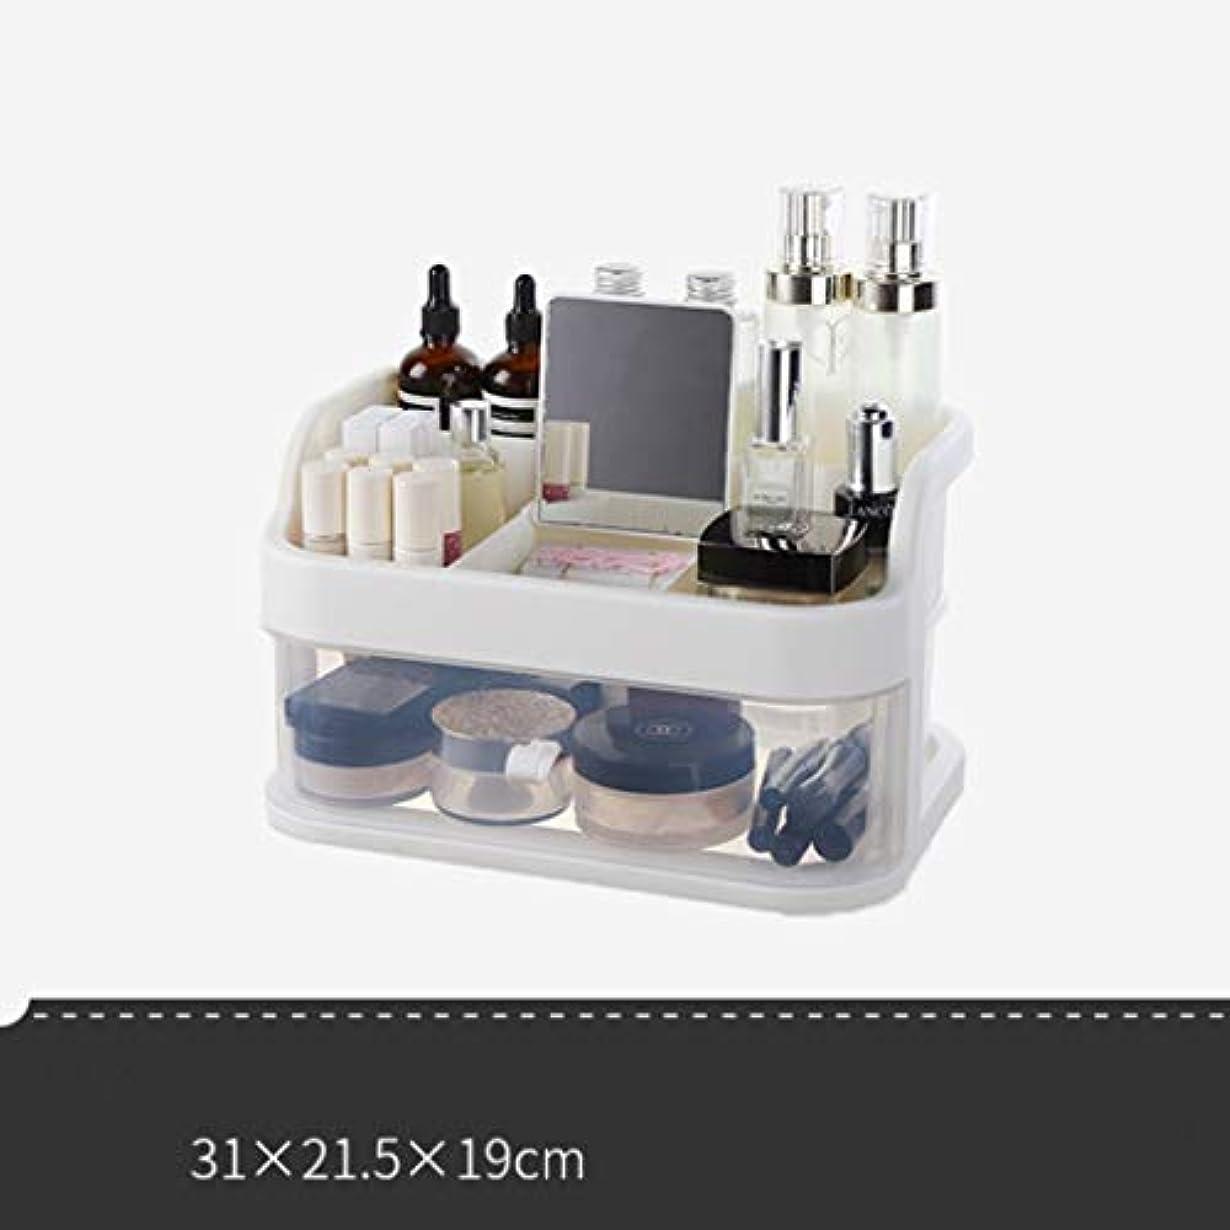 マザーランド多様性褐色化粧品収納ボックス 収納ボックス 透明化粧品ケース メイクケース 鏡付き 引き出し式 化粧品入れ 2段 仕切り コスメ収納 卓上収納 防水 強い耐久性 便利 レディース 洗顔 浴室収納 アクセサリー収納